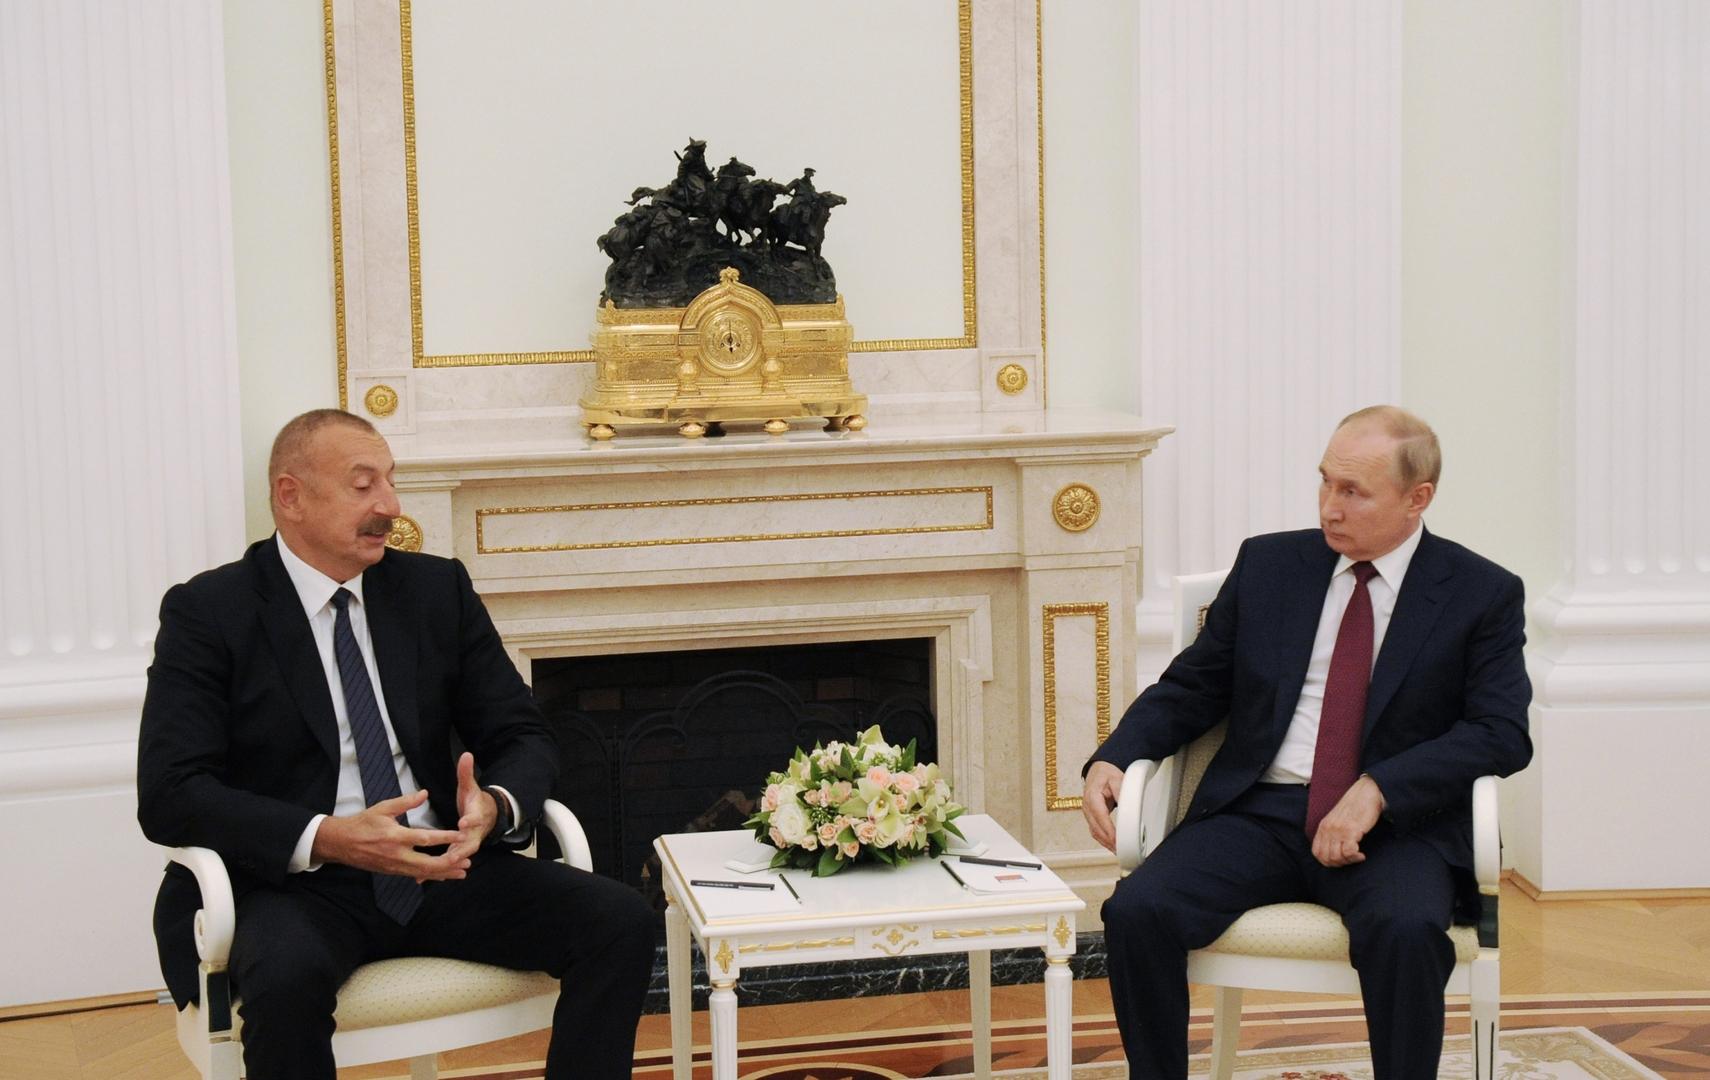 الرئيس الروسي فلاديمير بوتين ونظيره الأذربيجاني إلهام علييف